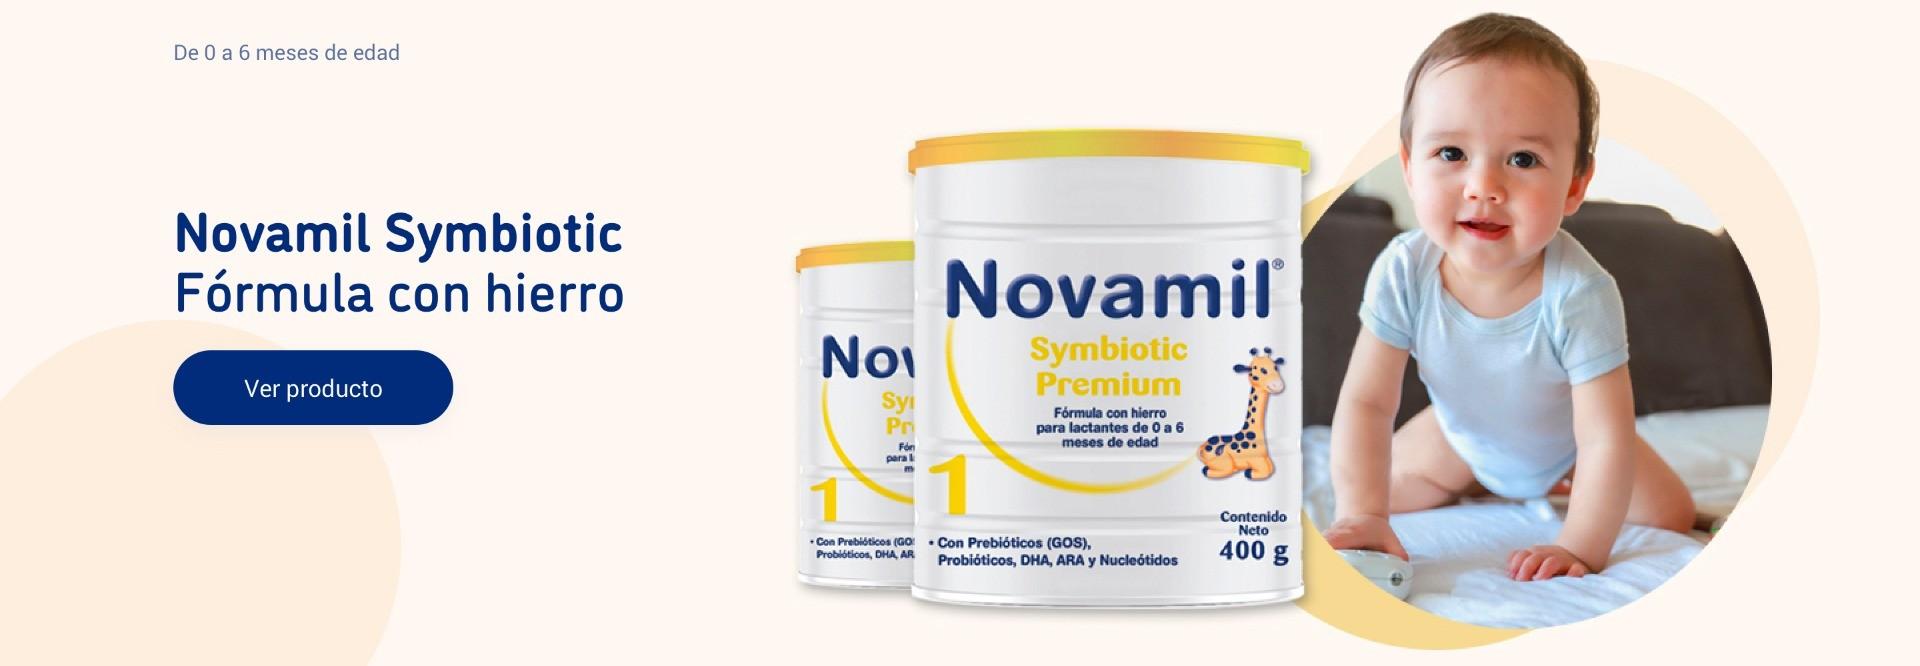 Novamil Symbiotic. Fórmula con hierro